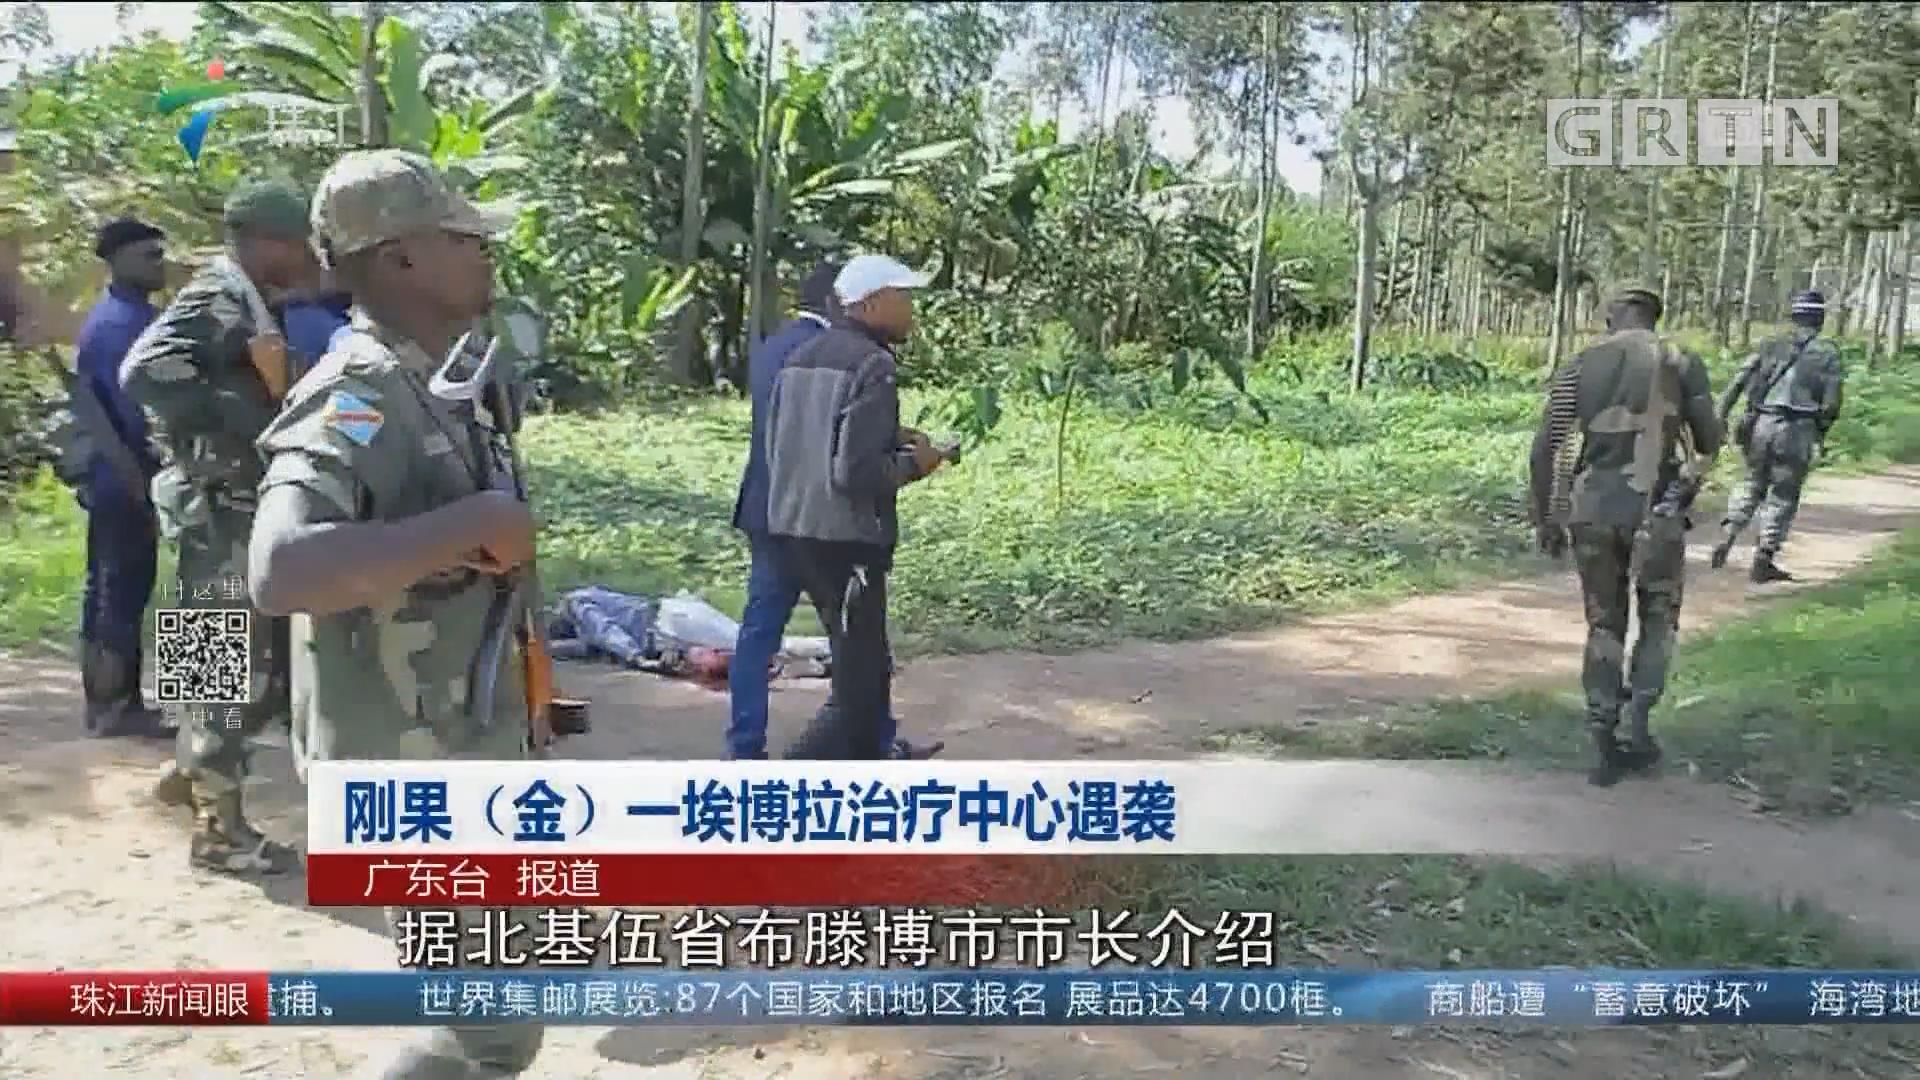 刚果(金)一埃博拉治疗中心遇袭